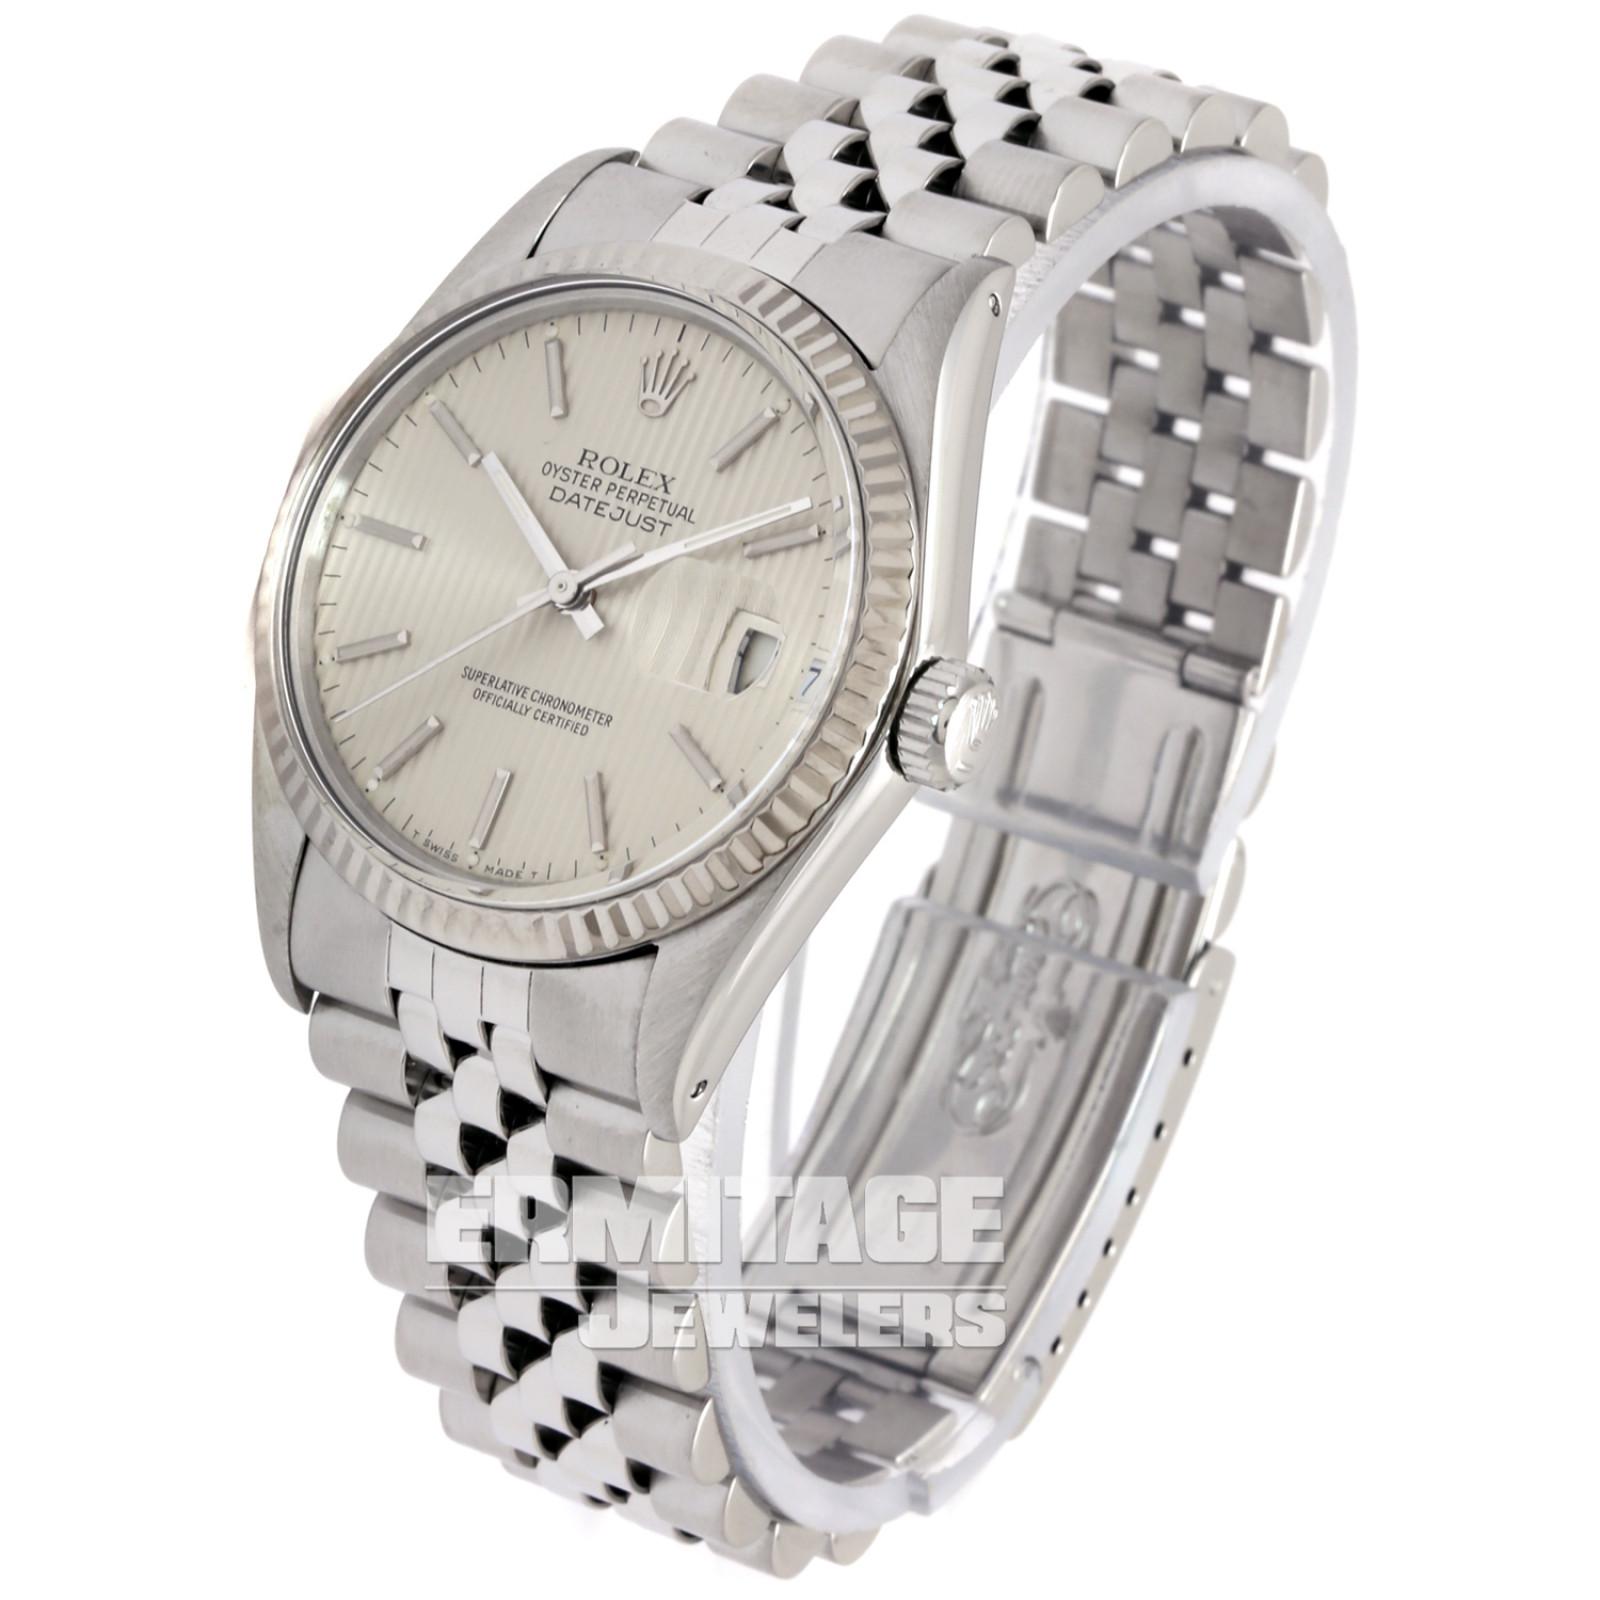 Rolex Datejust 16014 Jubilee Bracelet